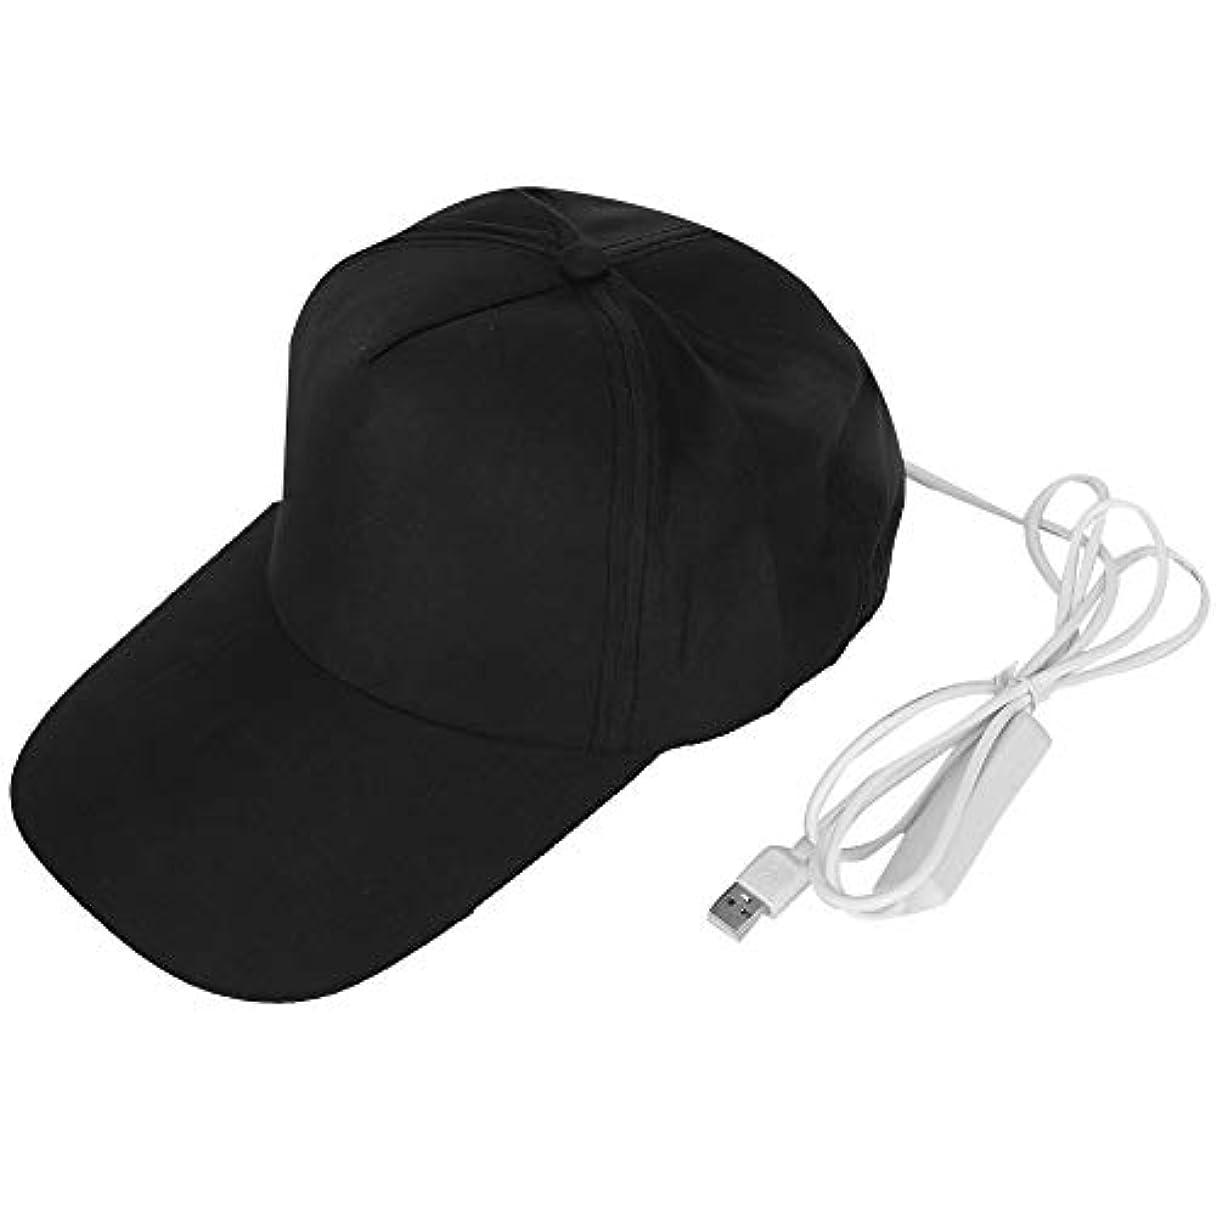 故障スマッシュ橋脚調節可能な毛の成長の器械ランプのビードの帽子